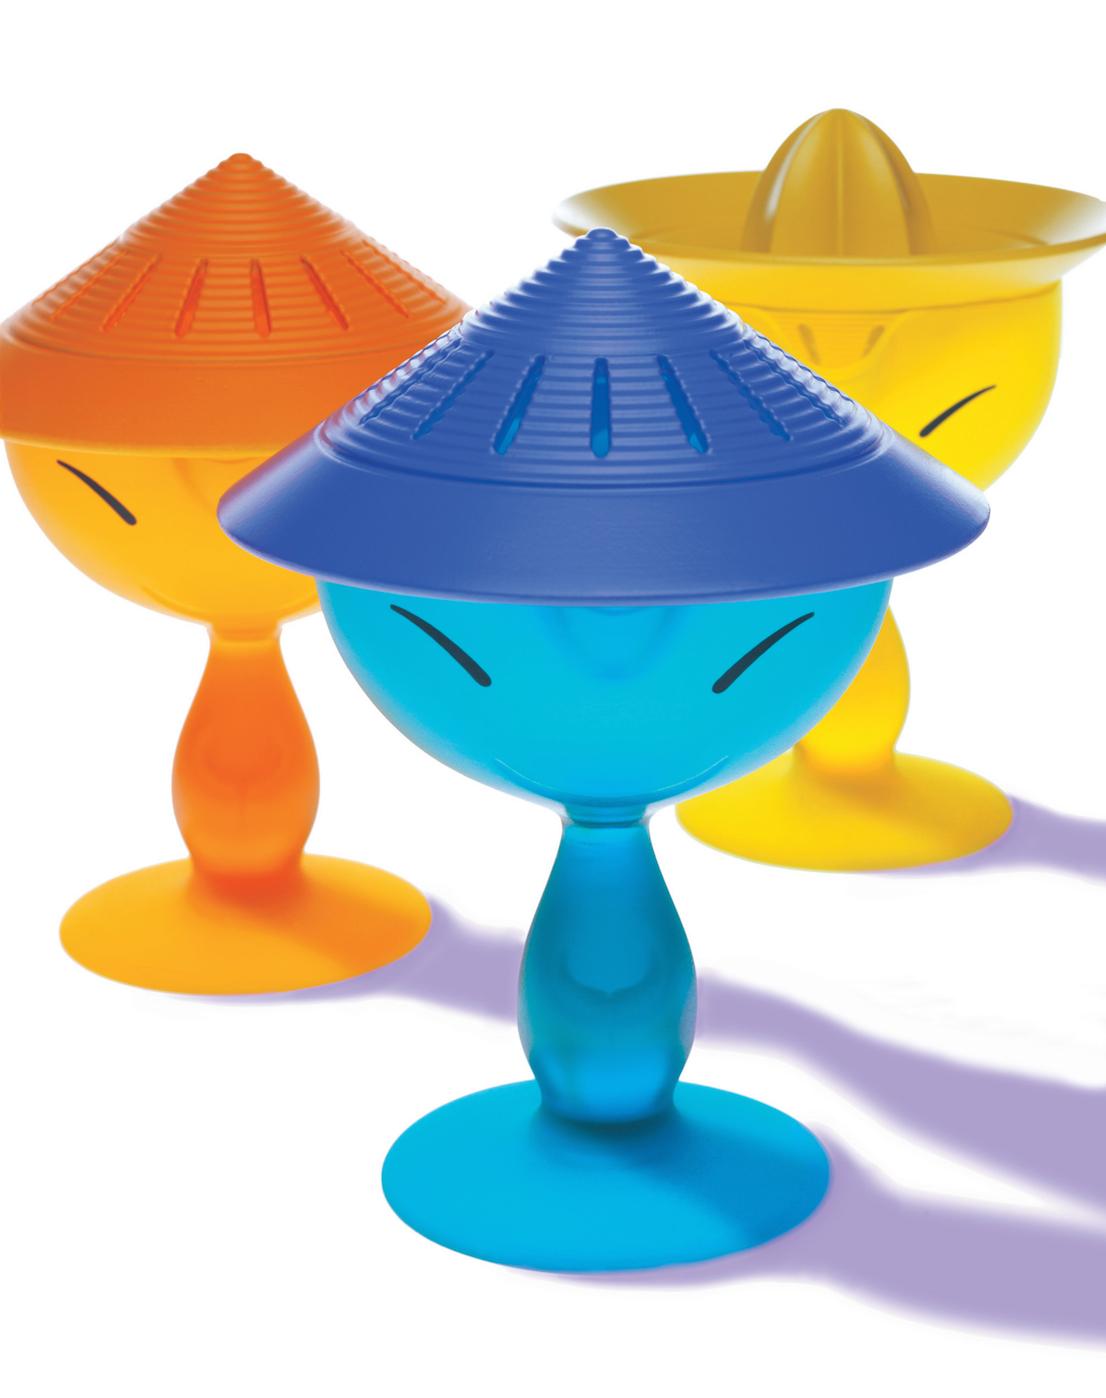 Mandarin, design by Stefano Giovannoni for Alessi, 2001.